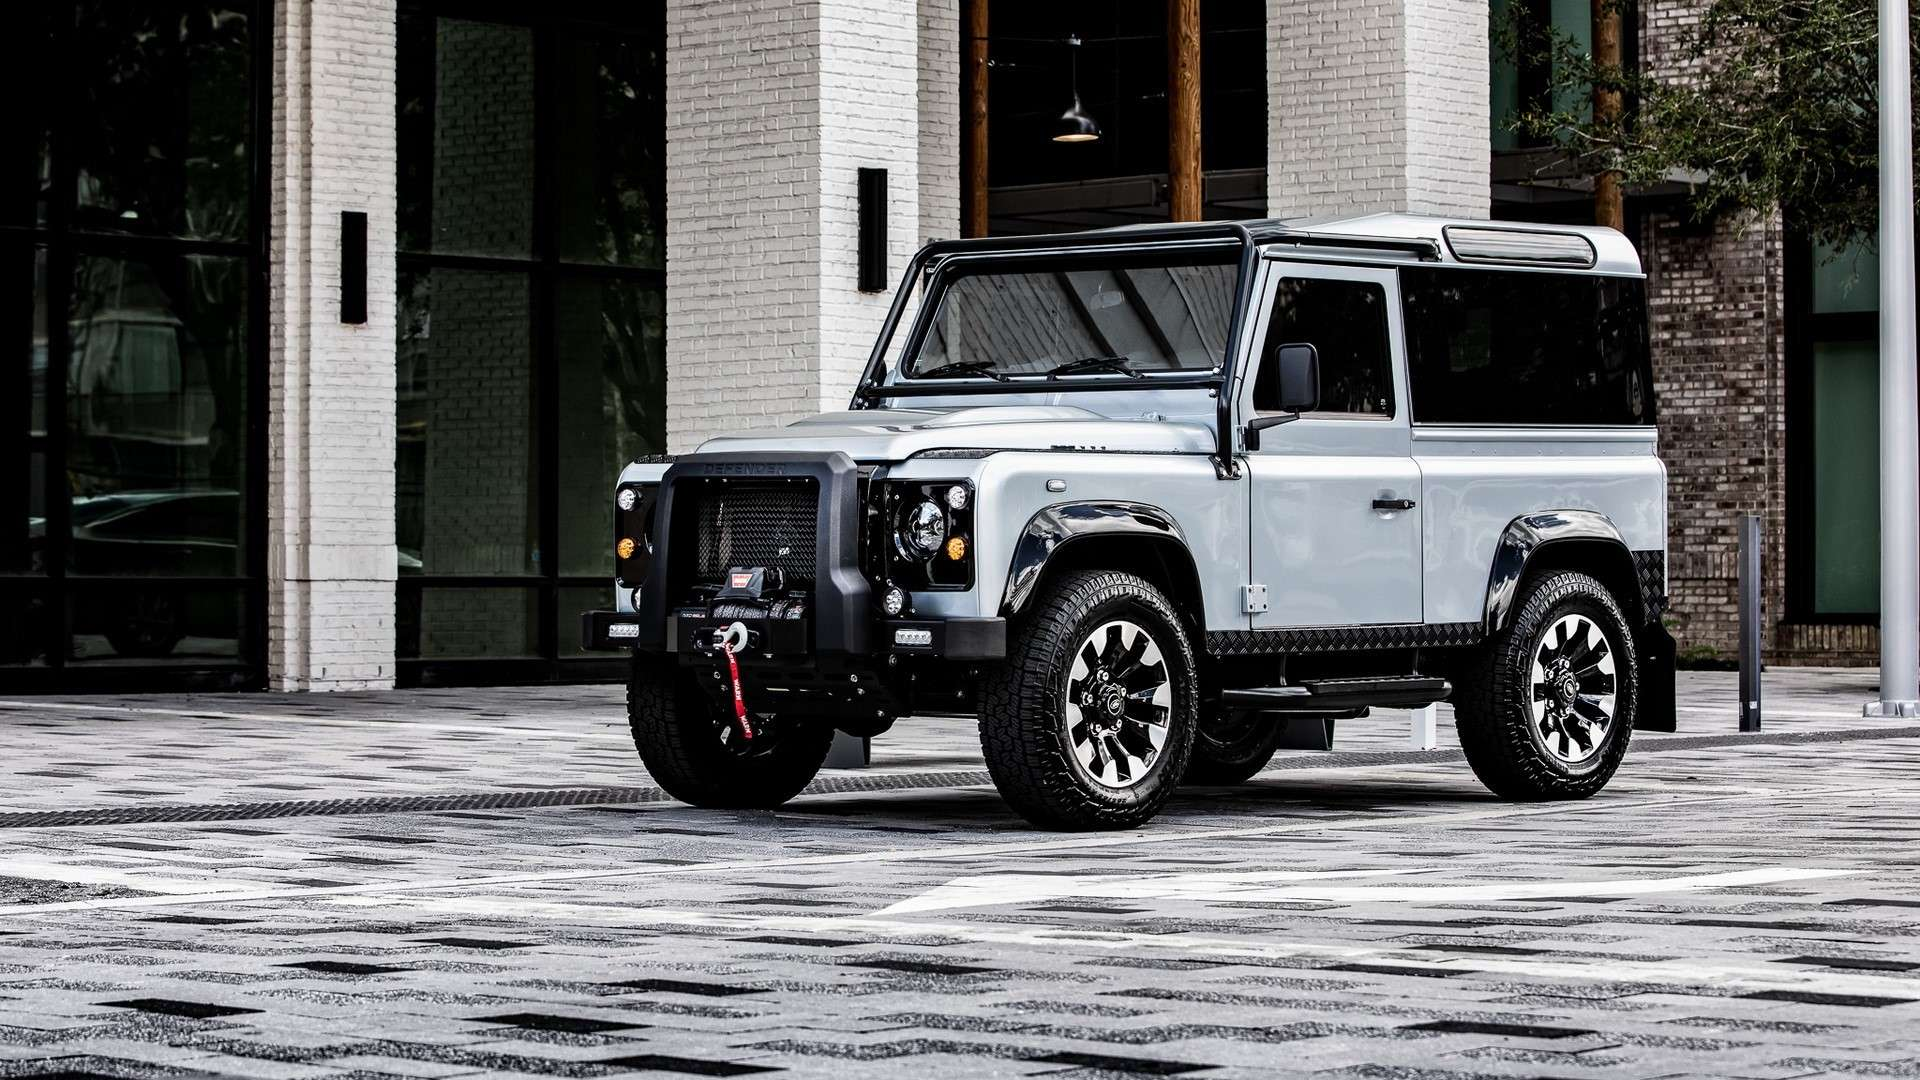 ECD Land Rover Defender Project Blackcomb: ¿a la tierra o al asfalto?